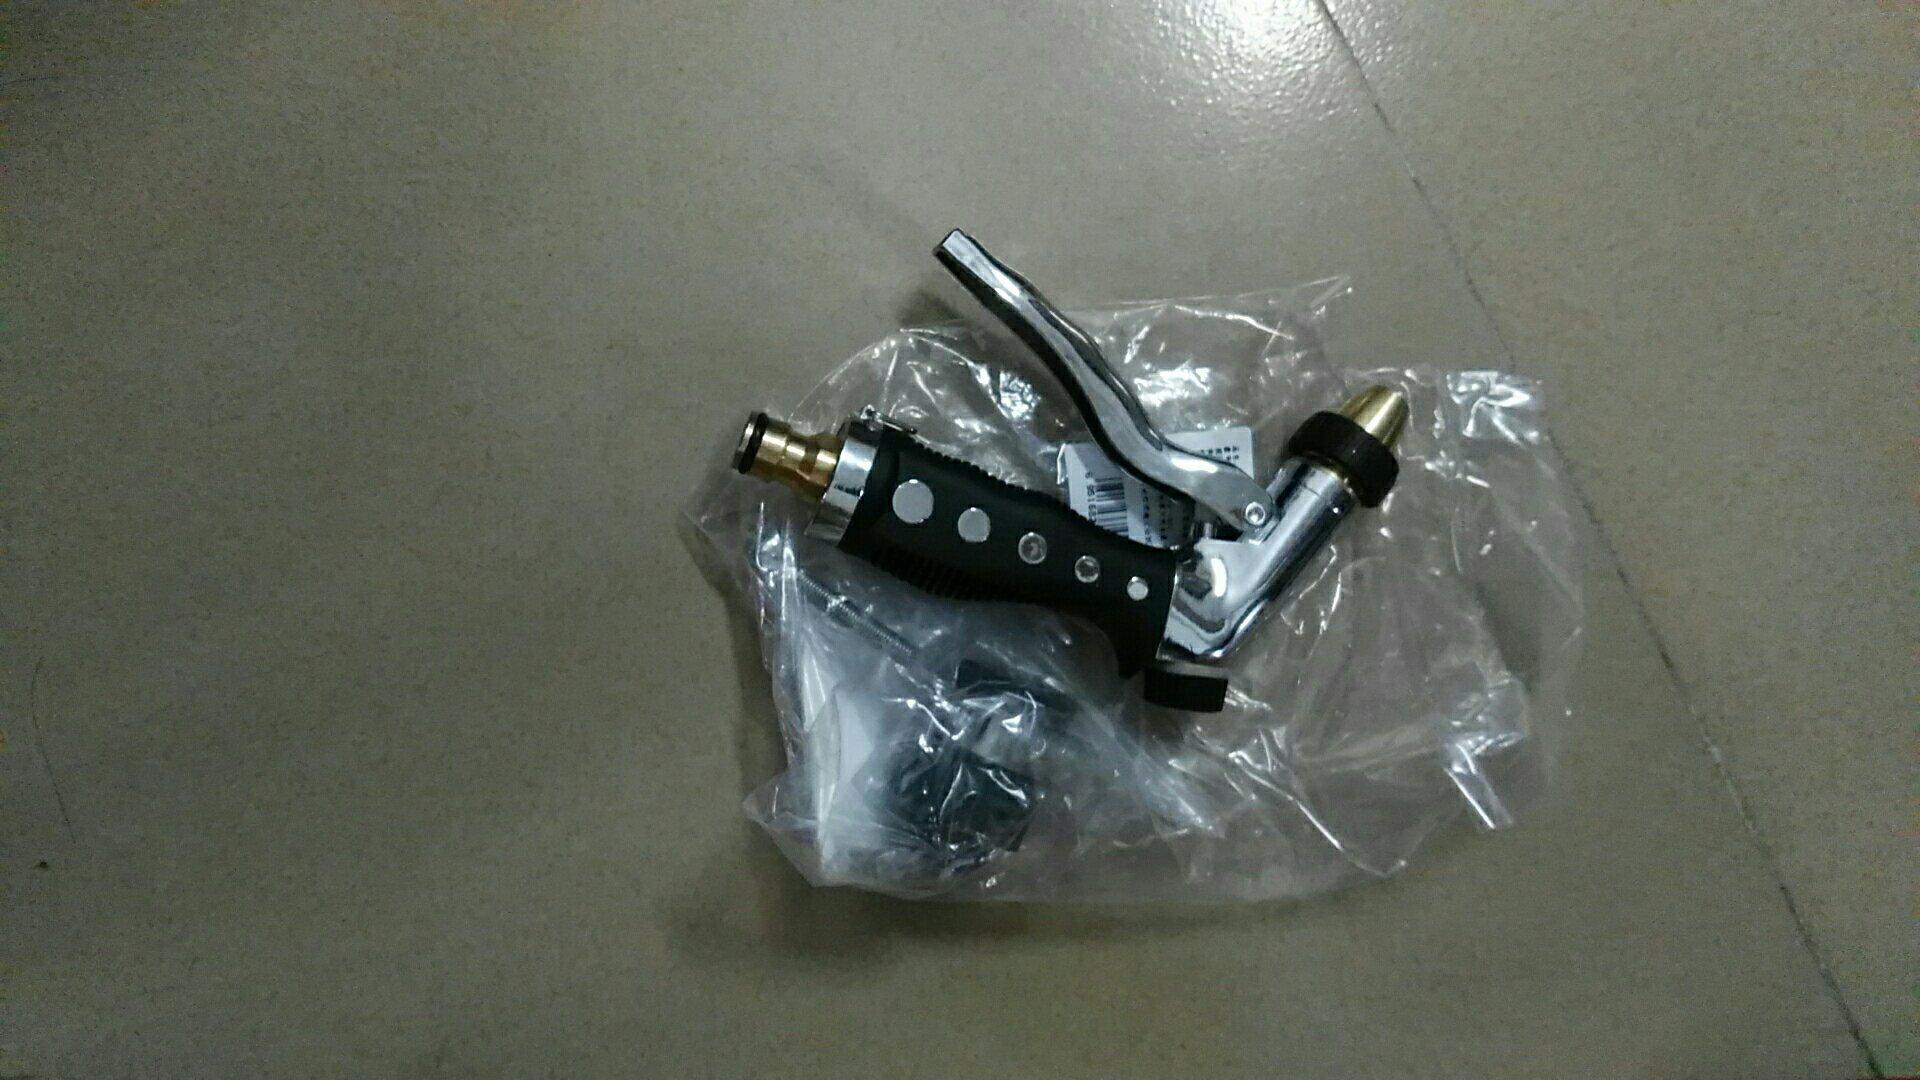 air free 7.0 trainer gains 00294132 replica